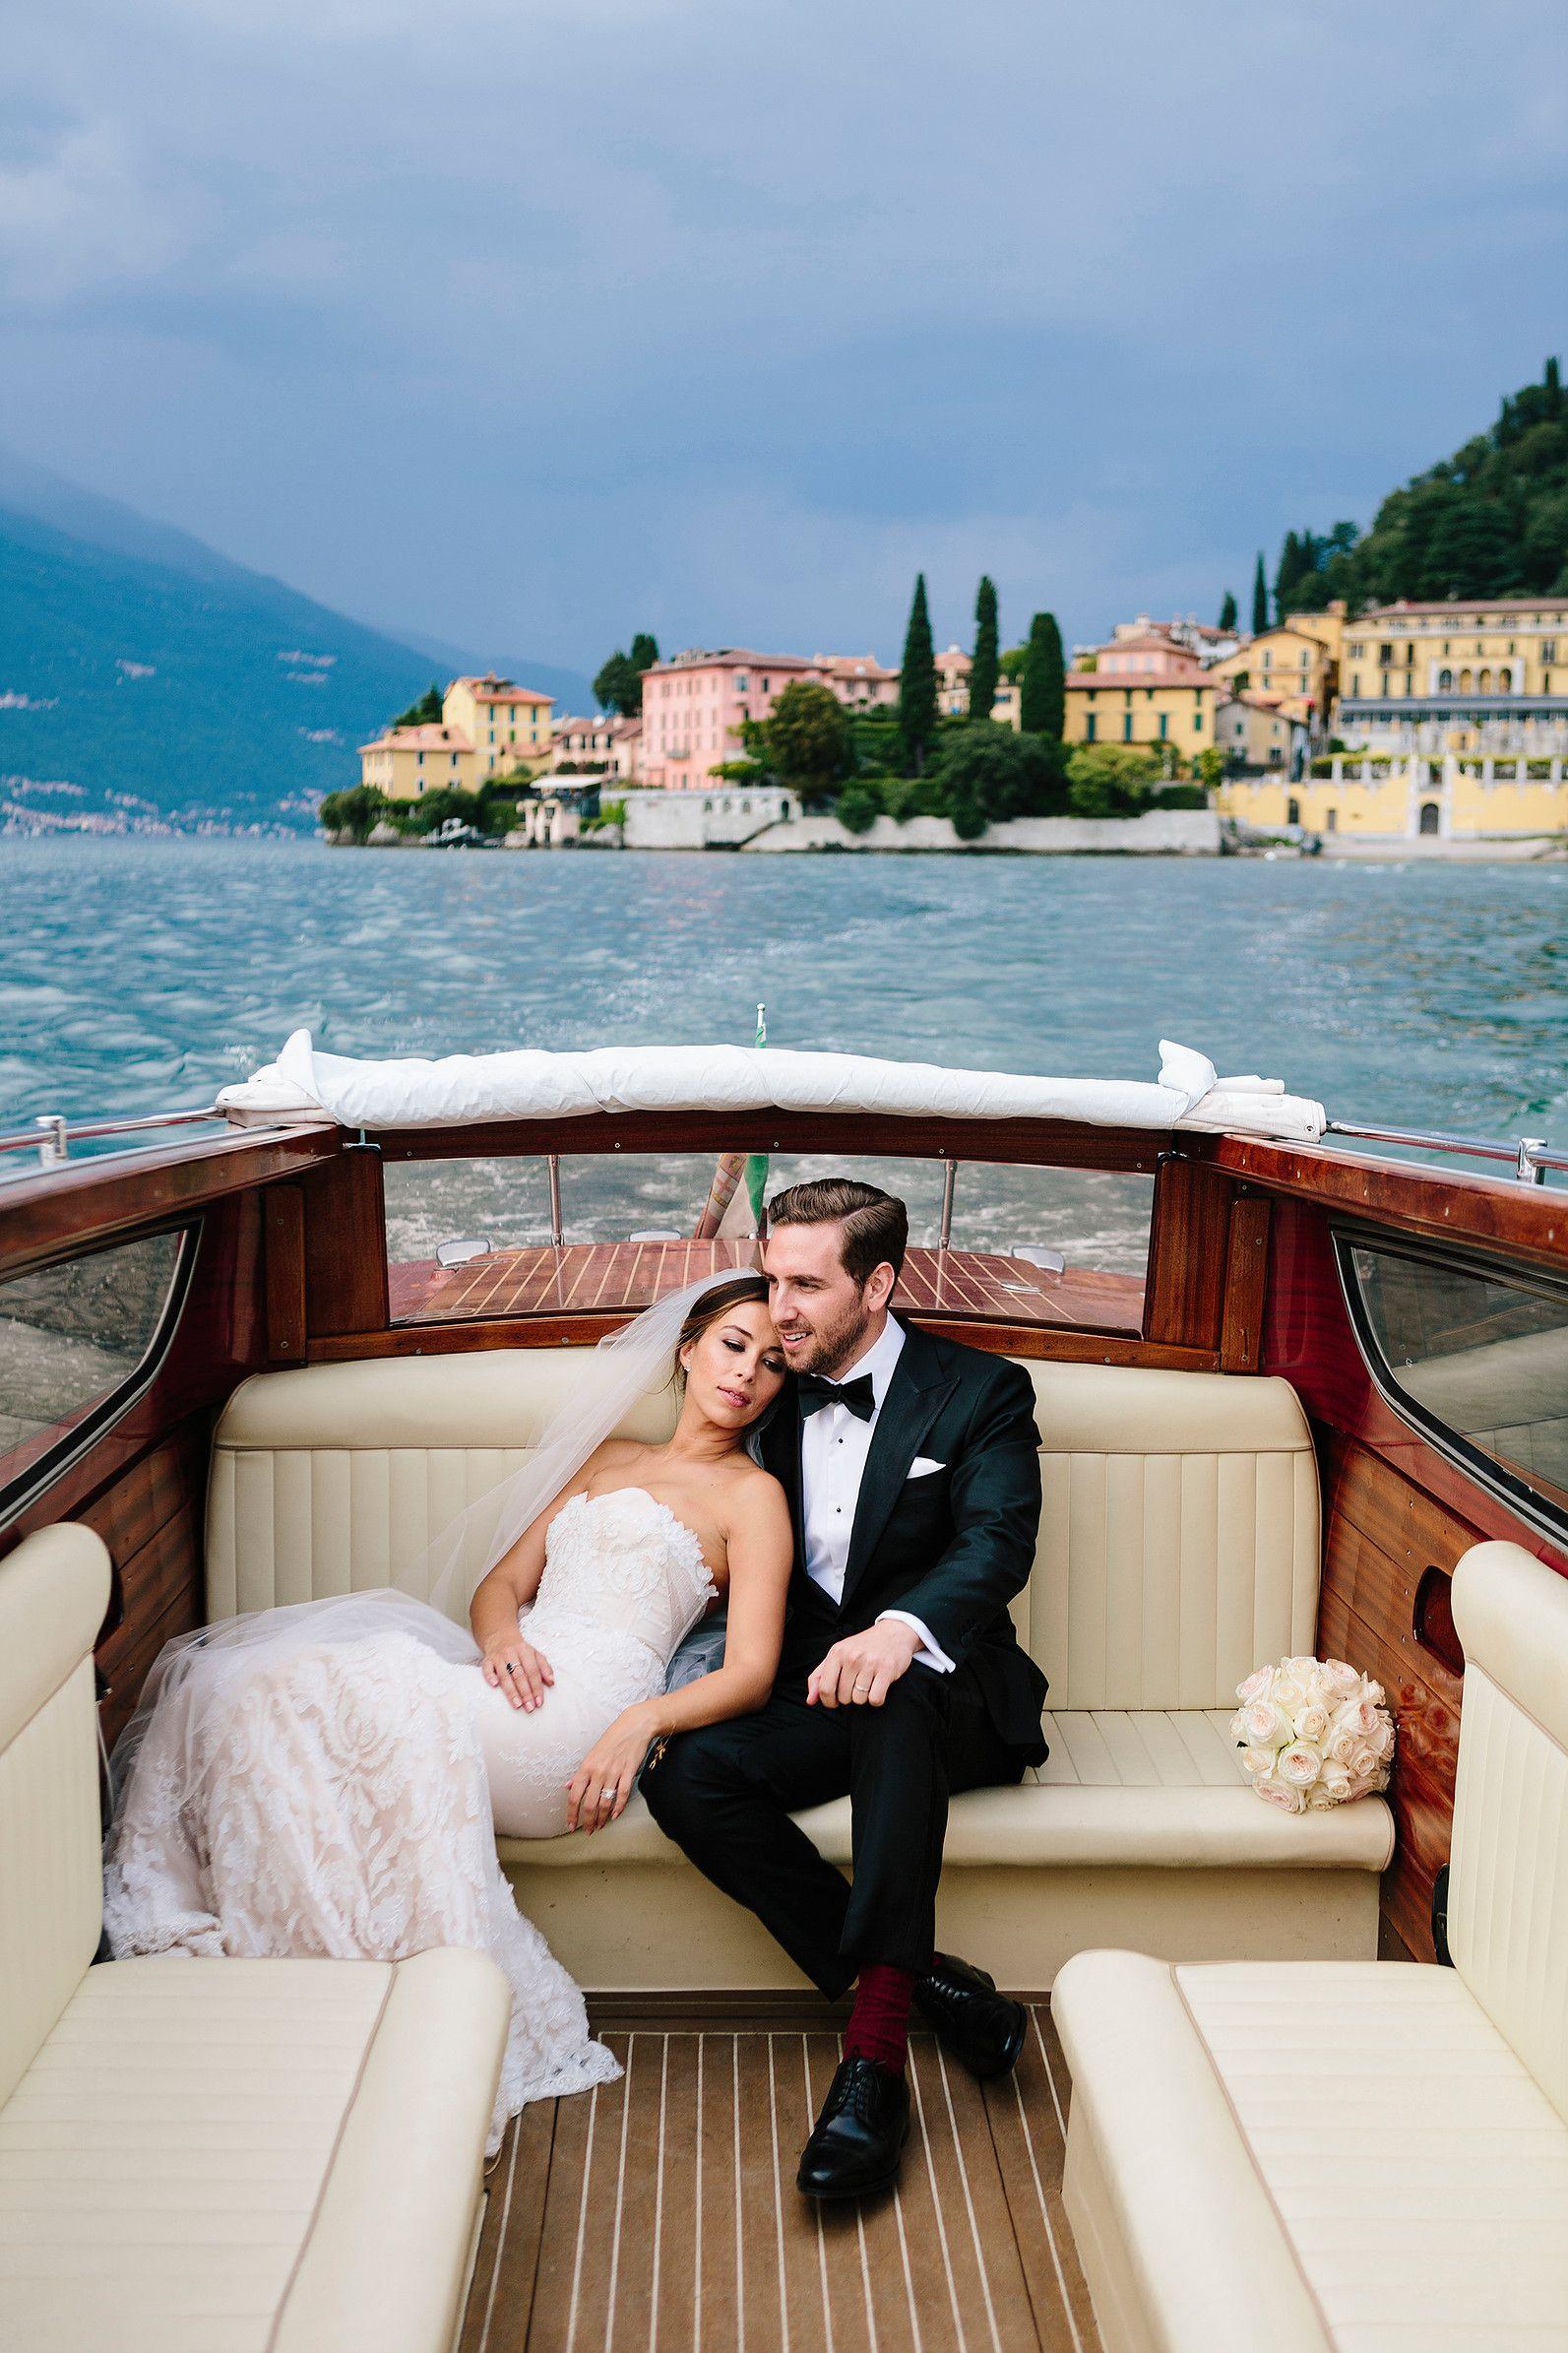 Featured Lake Como Wedding Lake Como Wedding Destination Wedding Italy Destination Wedding Inspiration